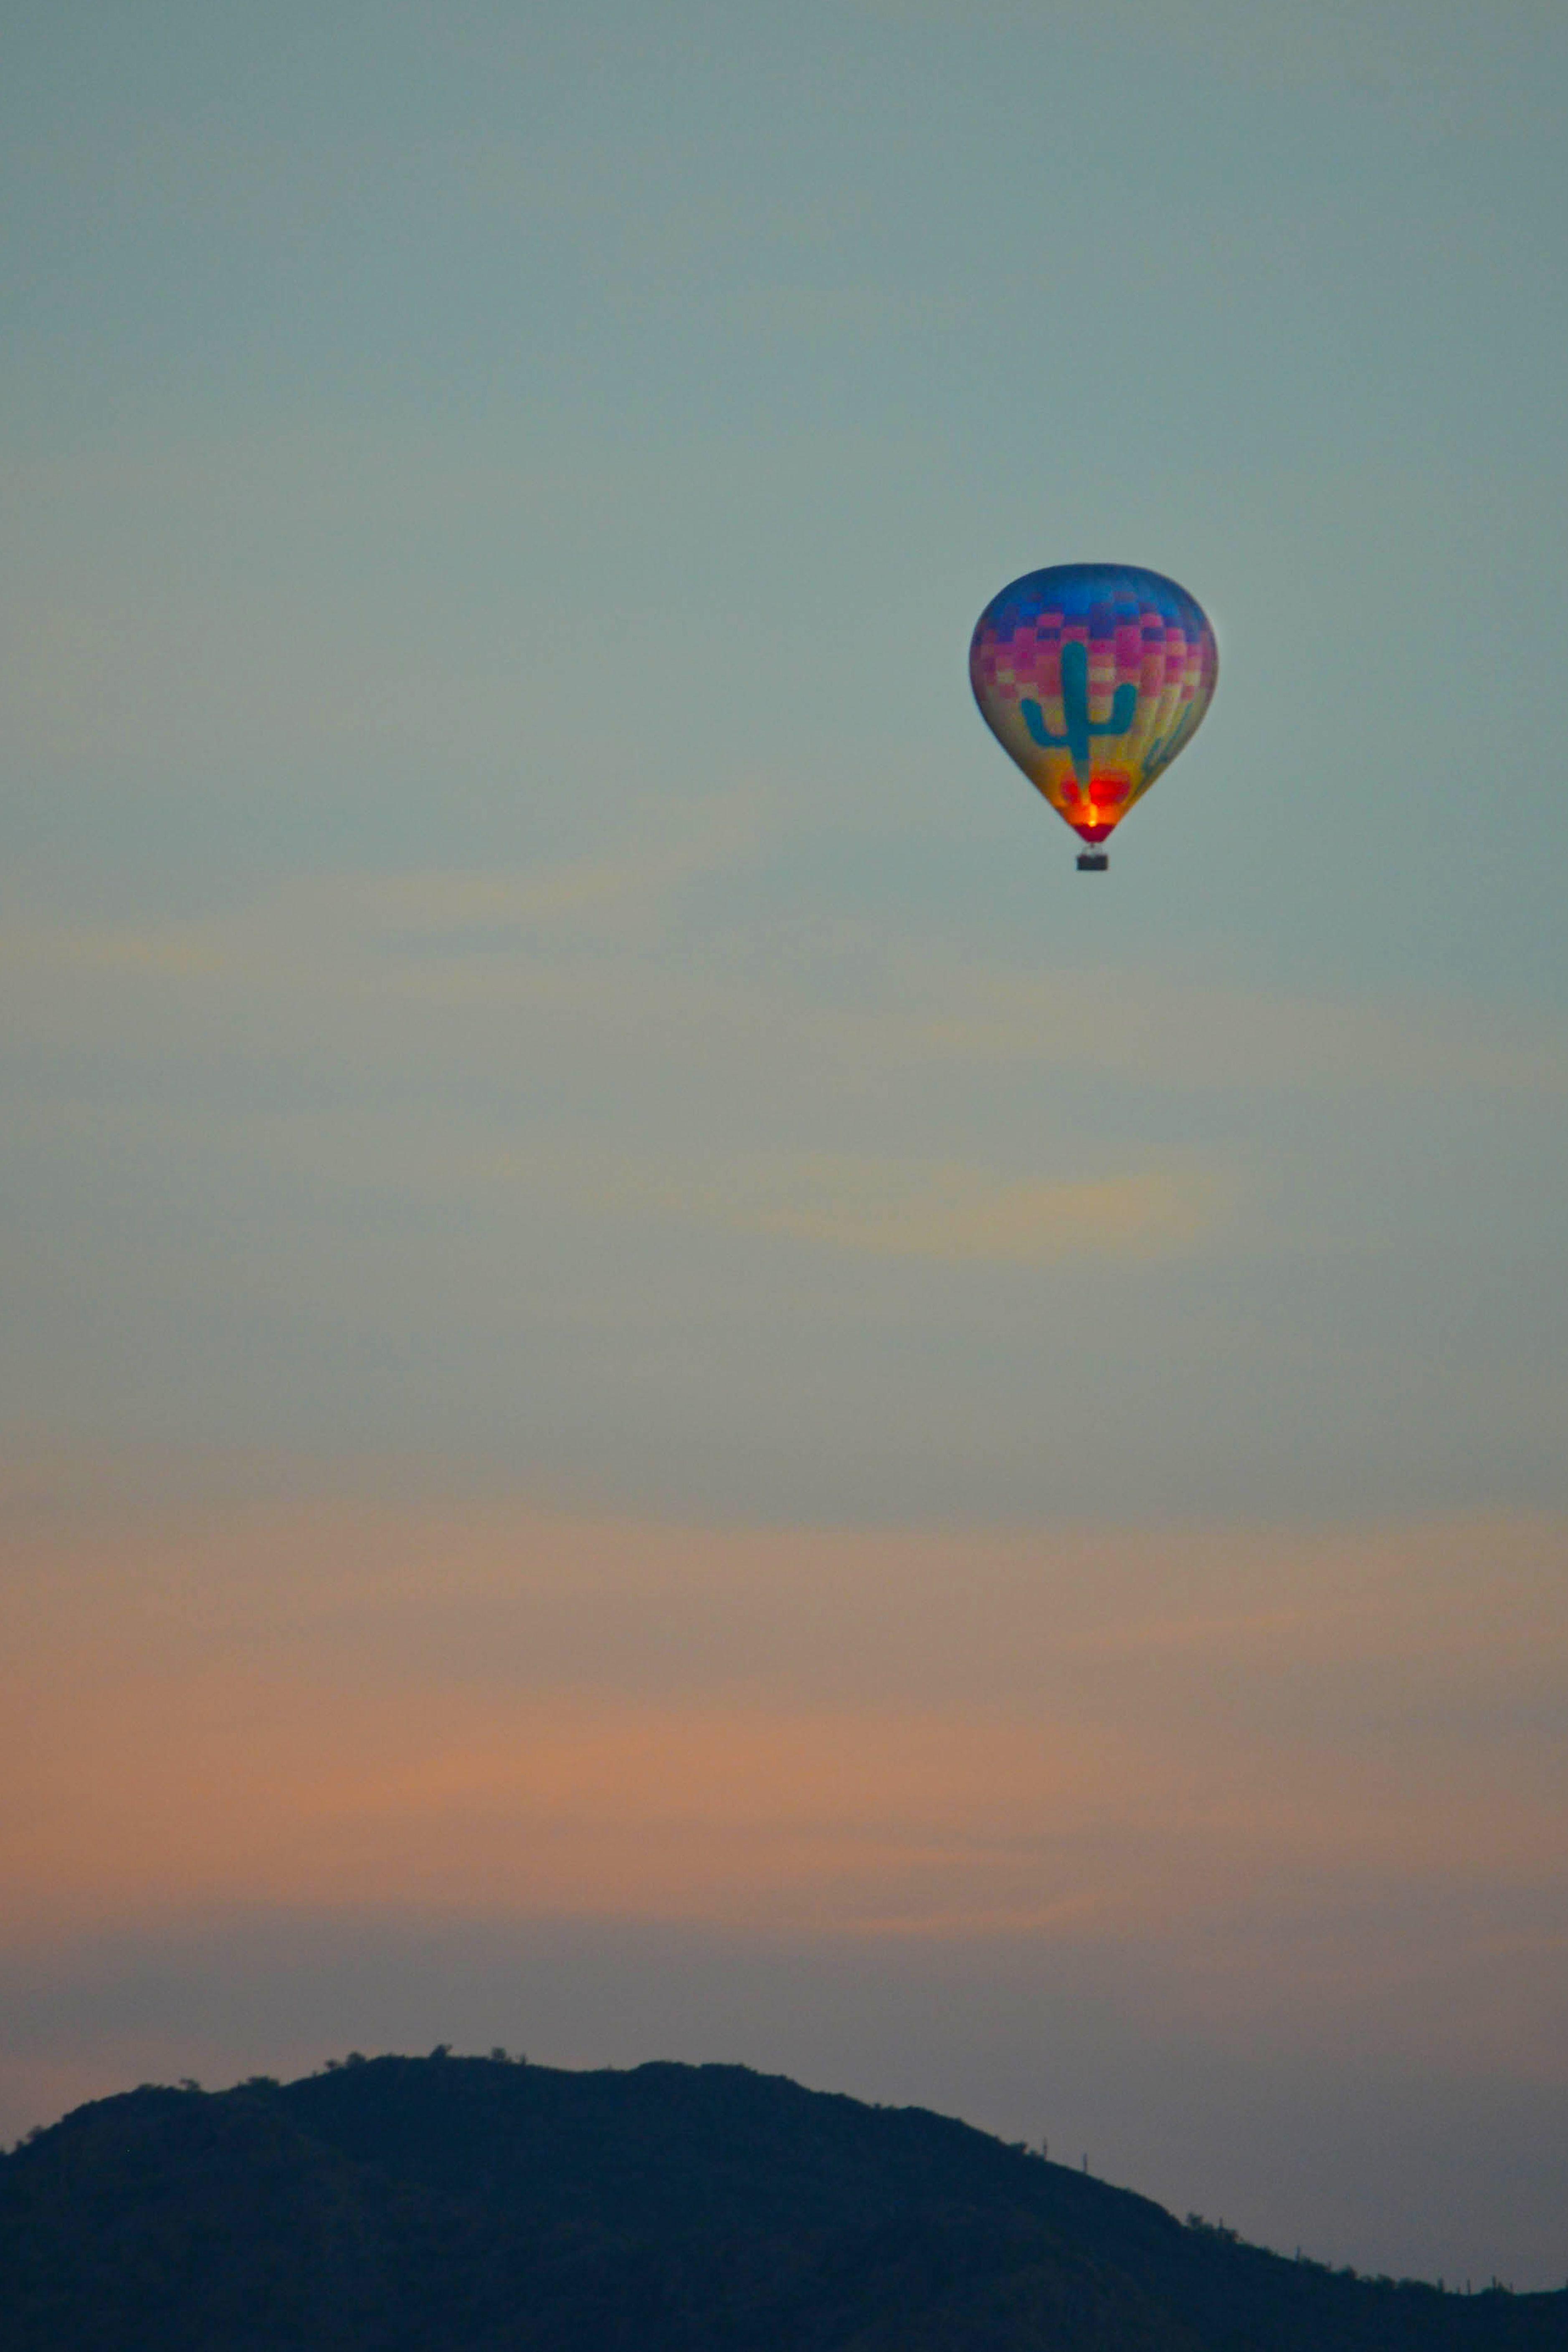 Sunrise Hot Air Balloon Ride, Phoenix, AZ Air balloon